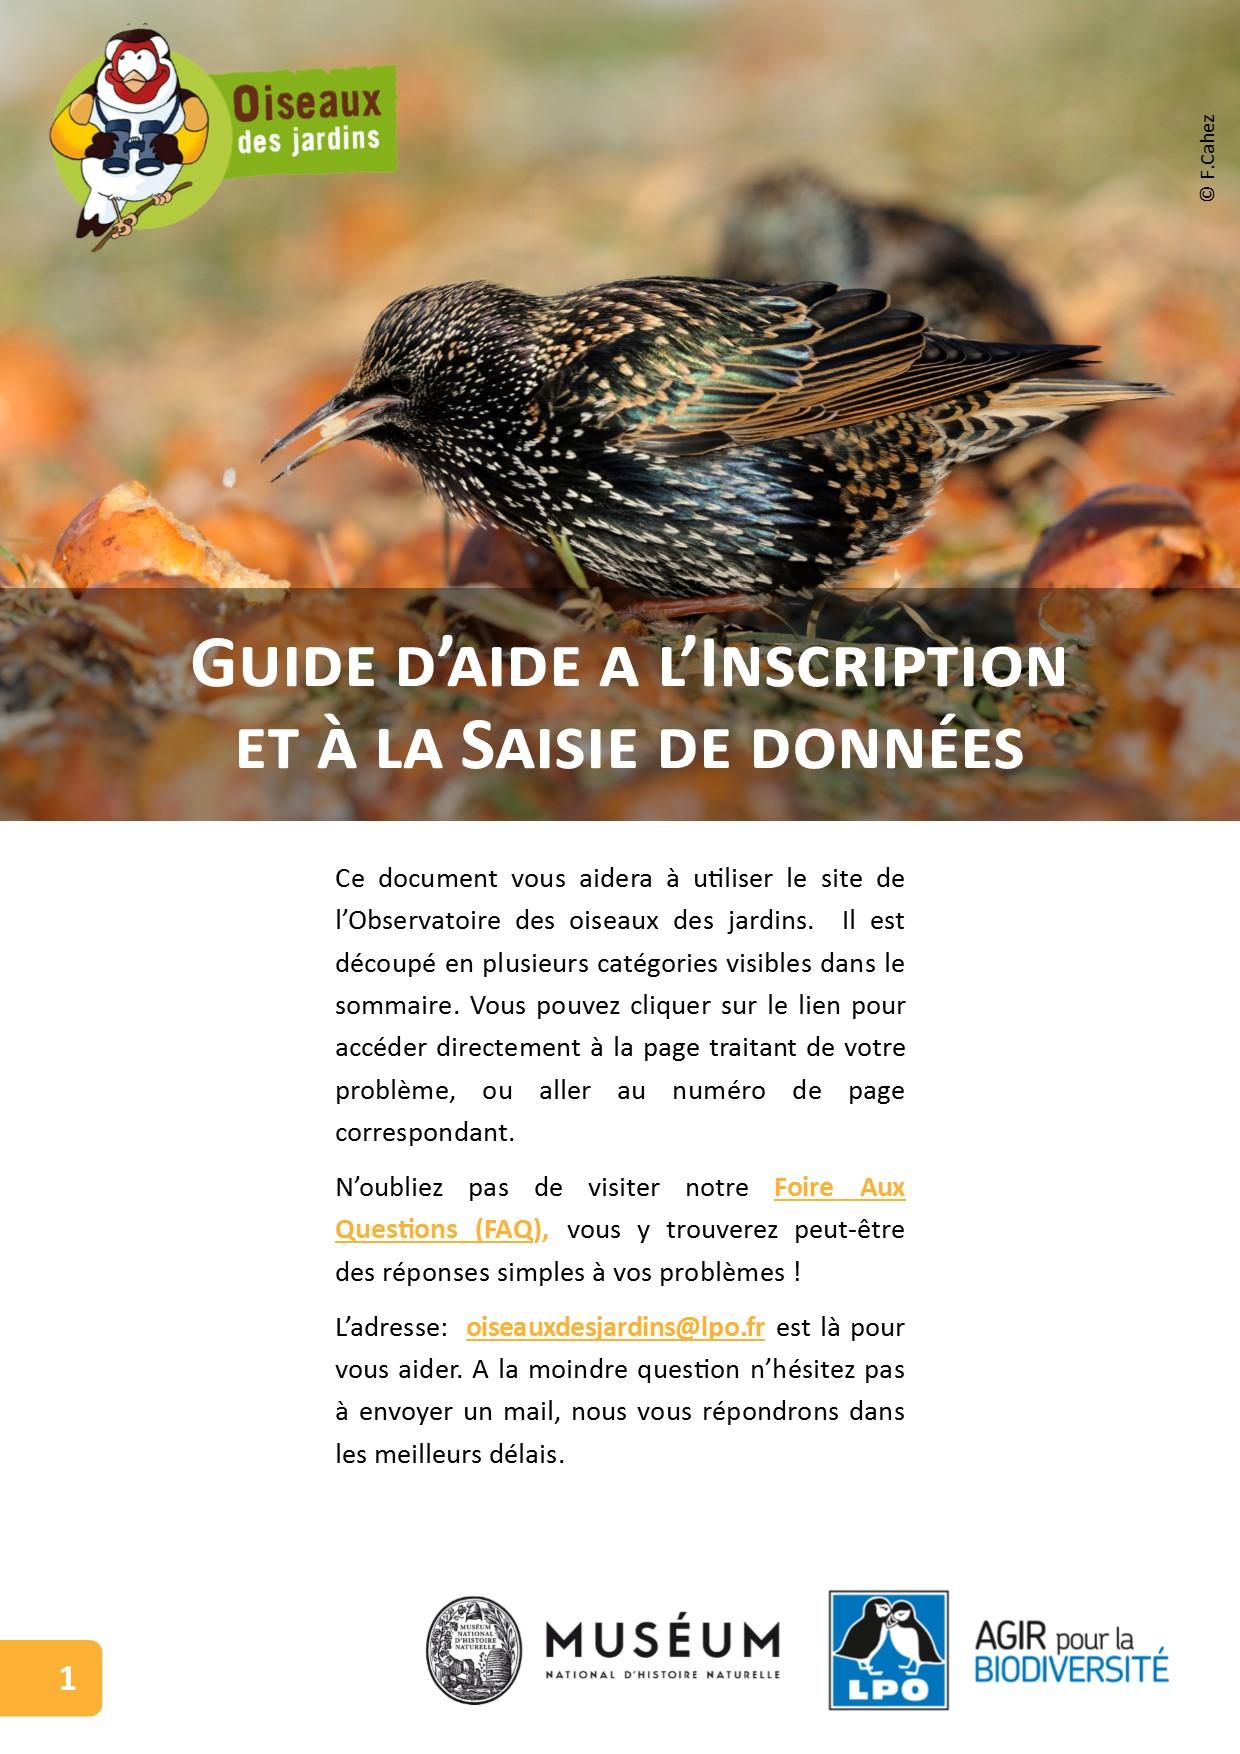 https://cdnfiles2.biolovision.net/www.oiseauxdesjardins.fr/userfiles/photopremirepage.jpg